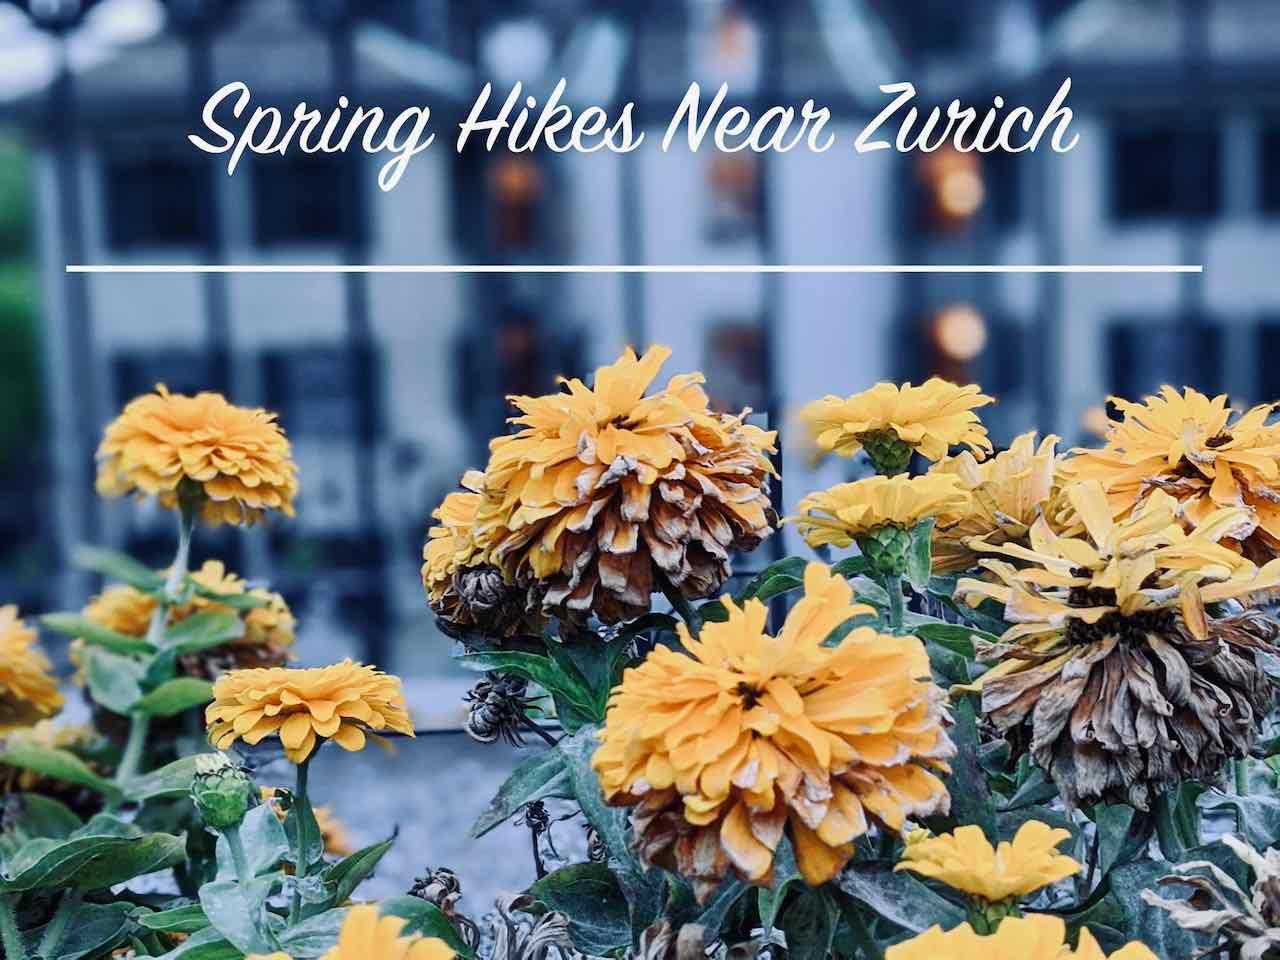 Best Spring Hikes near Zurich